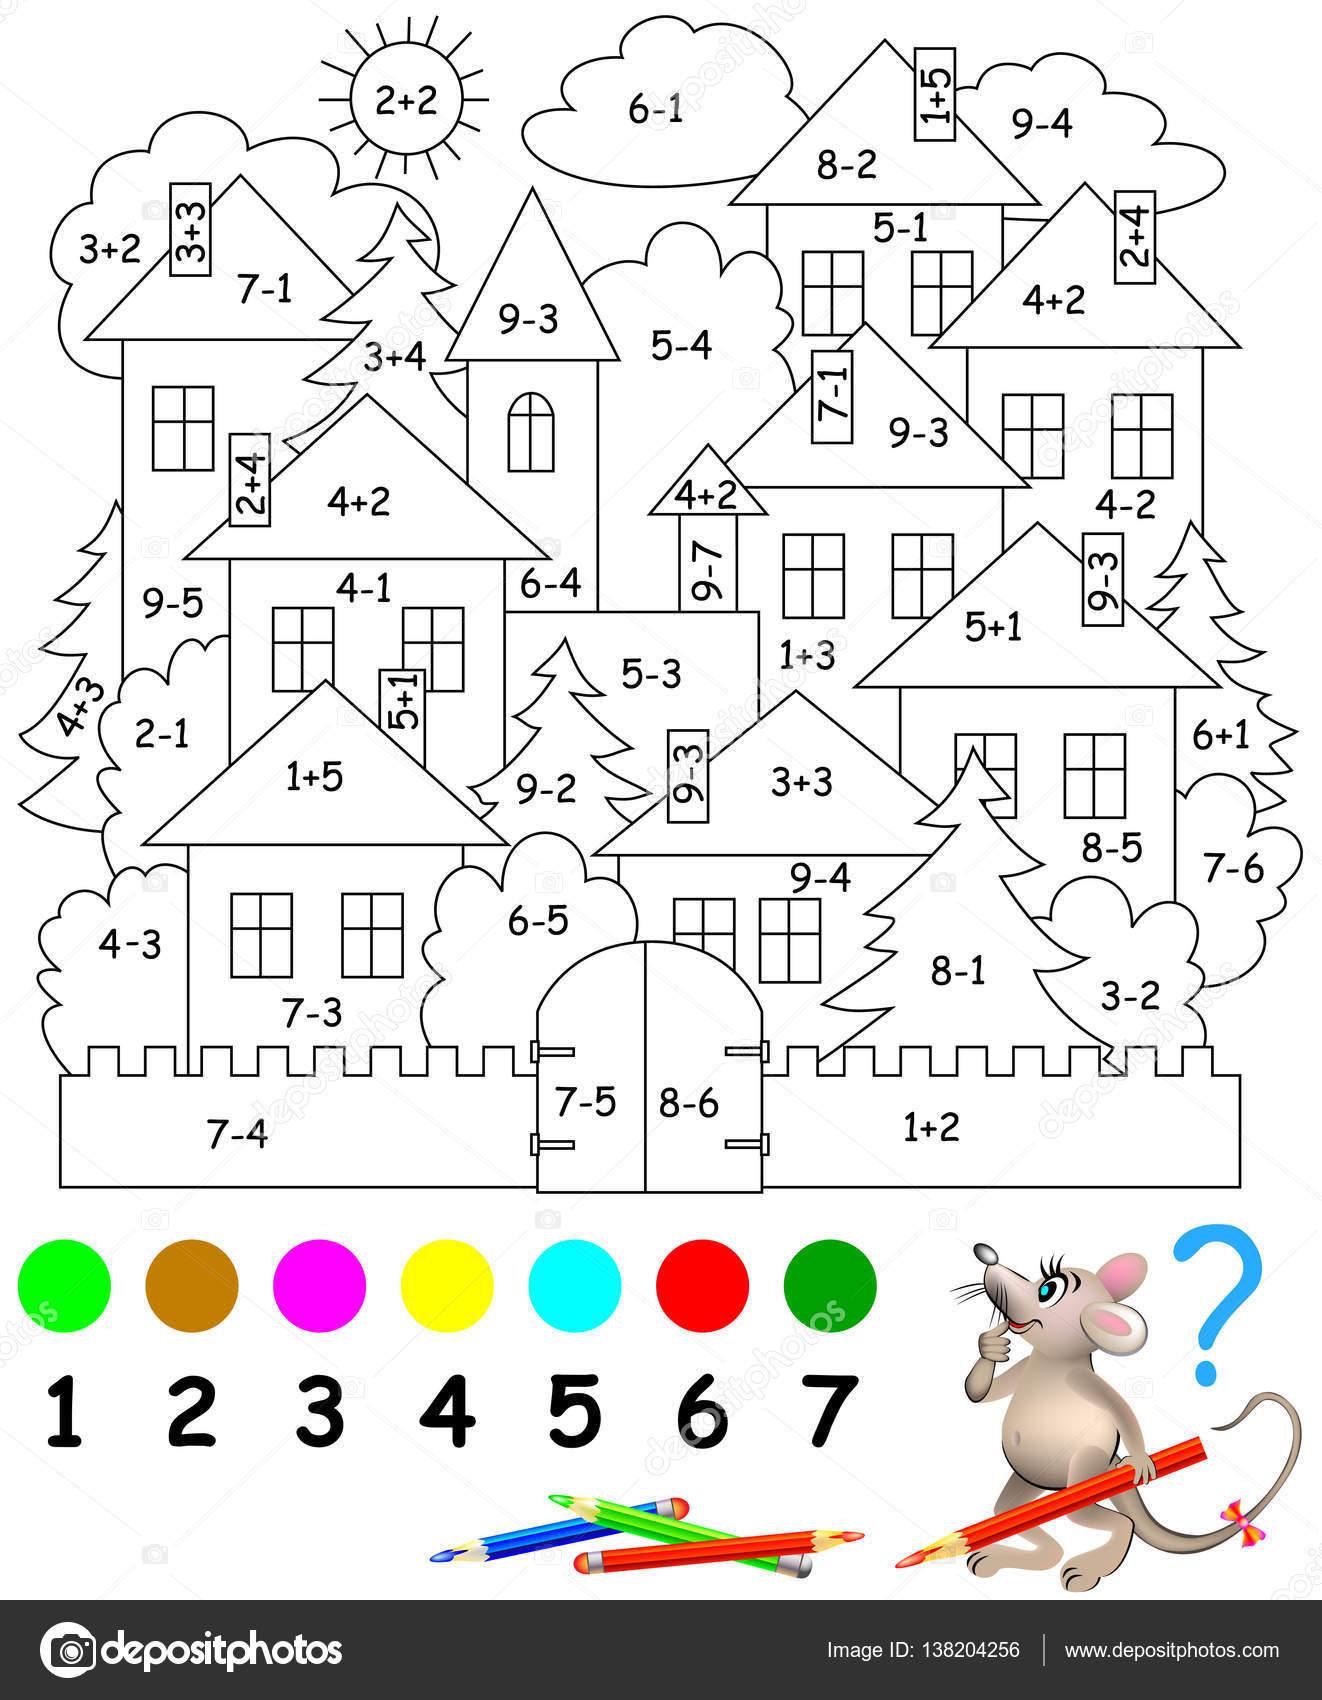 Dibujos Signo De Suma Para Colorear Página Educativa Con